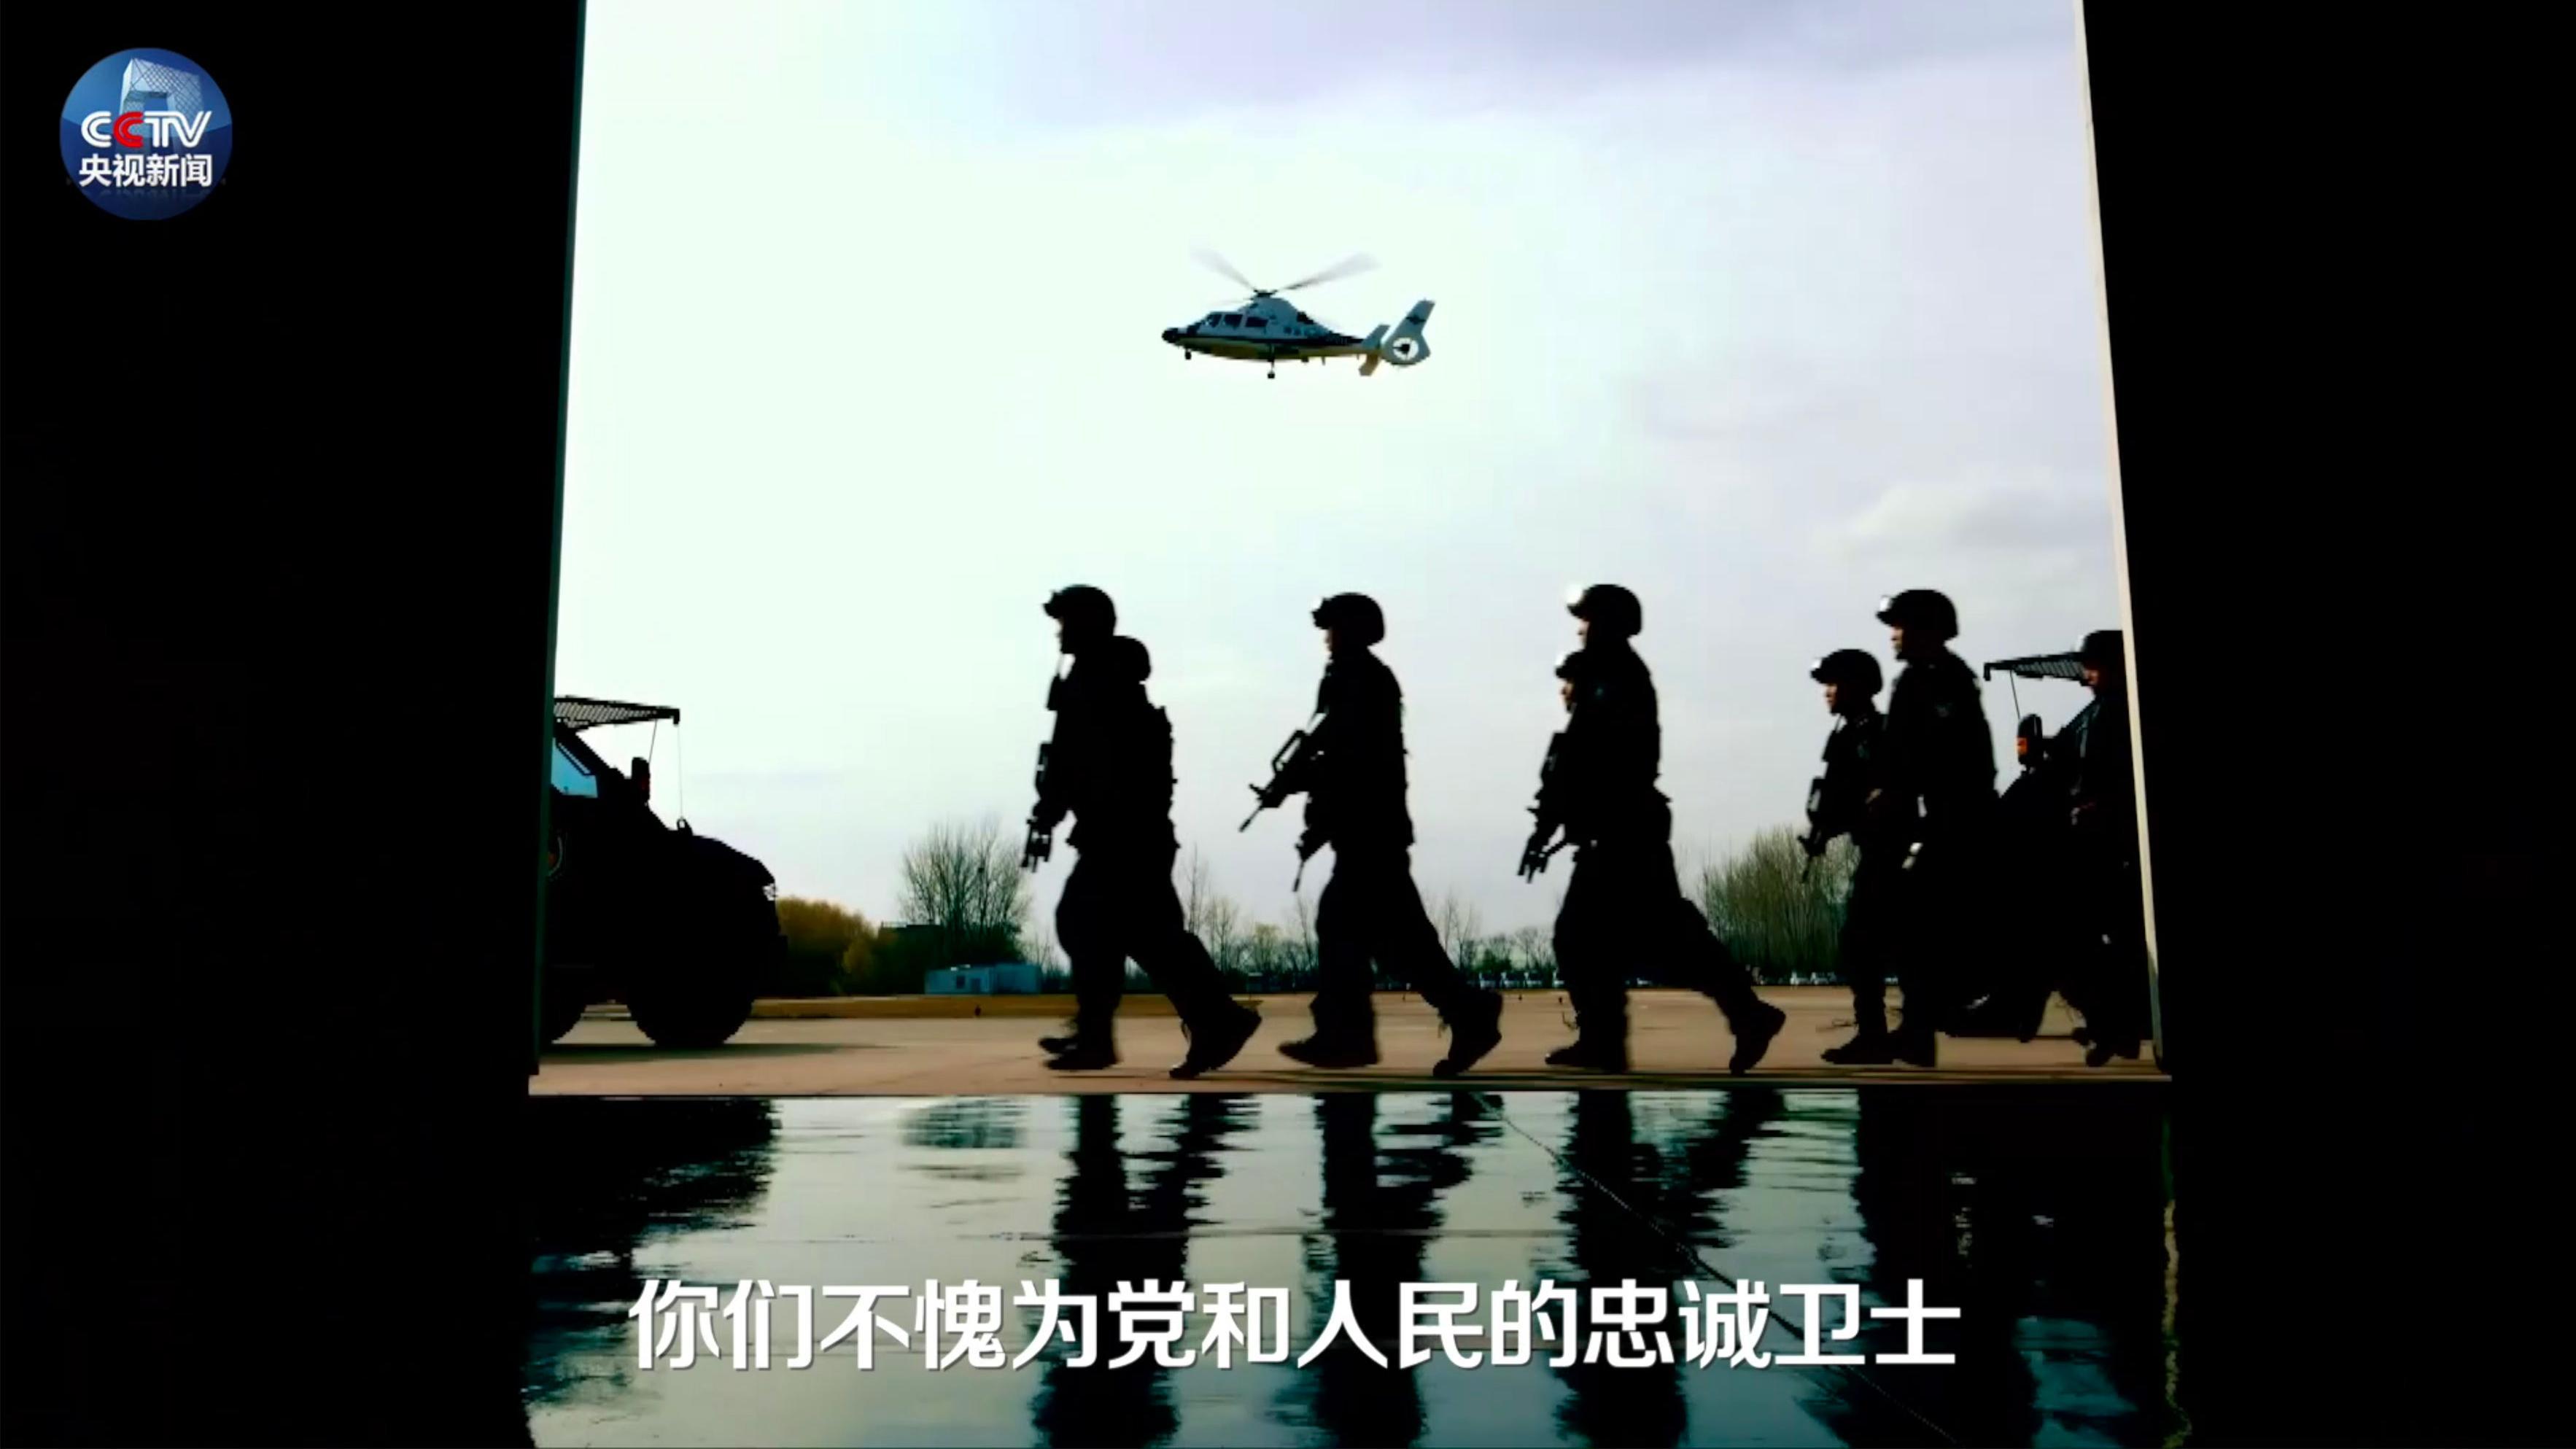 微视频丨忠诚卫士 英雄辈出